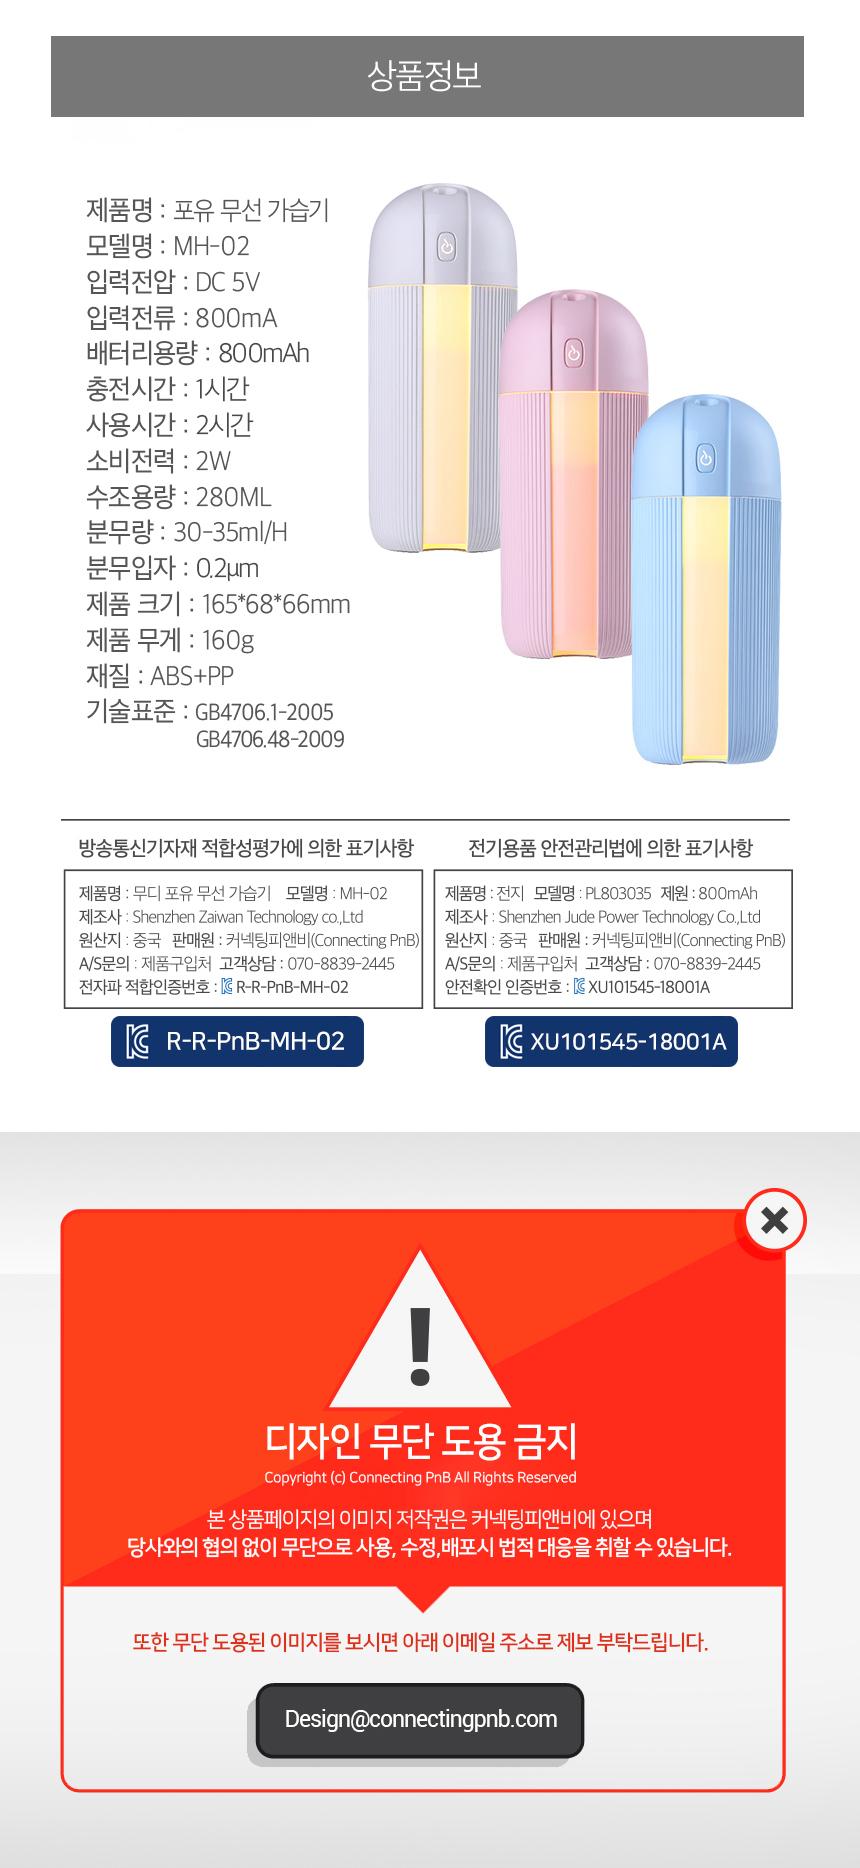 무디 포유 무선 워터캡슐 LED 무드램프 휴대용 가습기 포터블 차량용 - 무디, 23,900원, USB 계절가전, 가습기